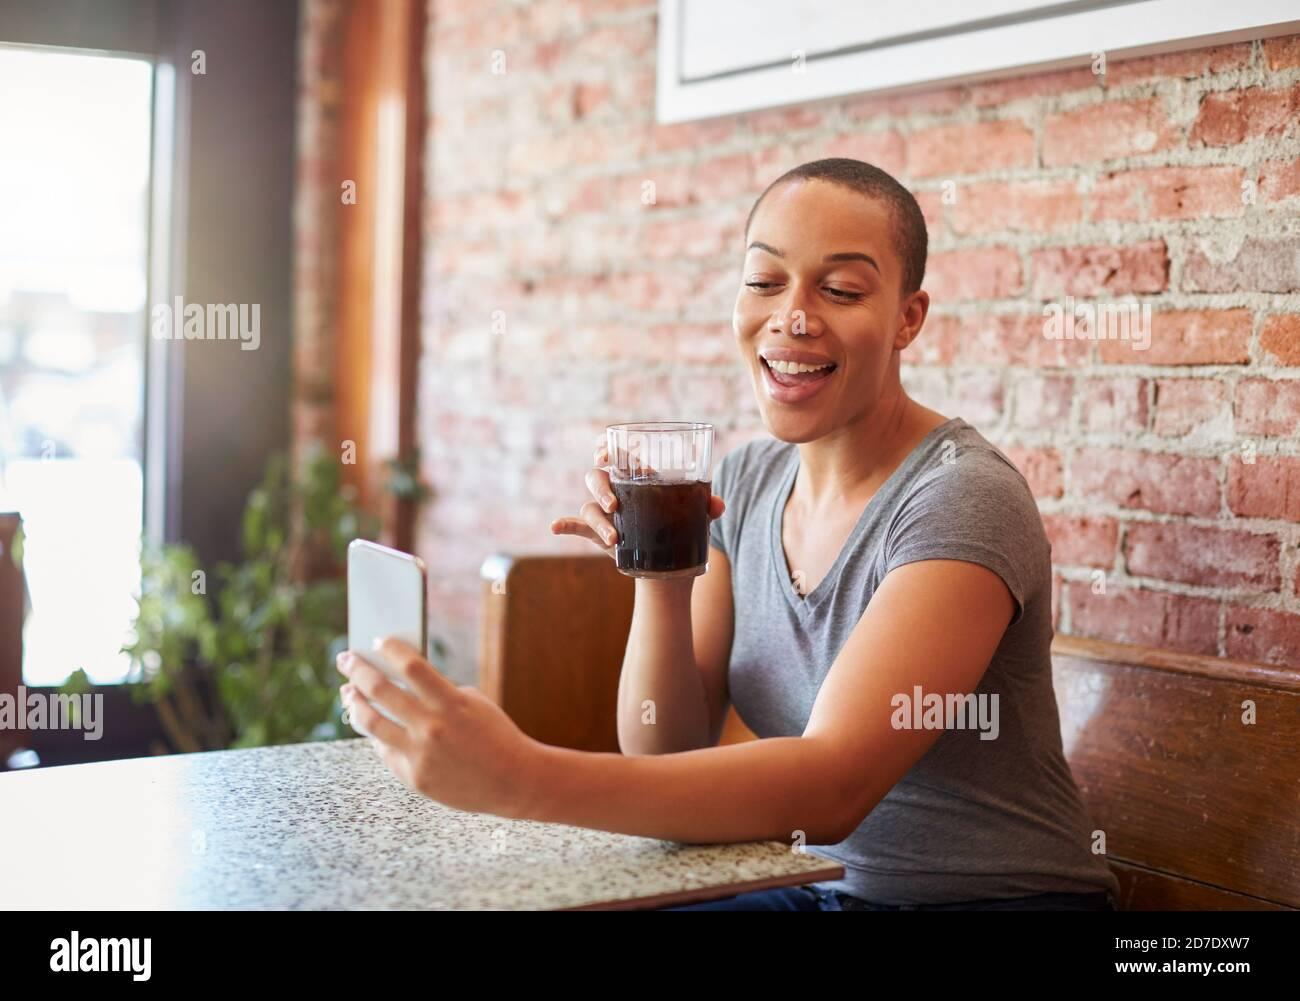 Femme effectuant un appel vidéo sur un téléphone portable assis dans un café Boutique Banque D'Images